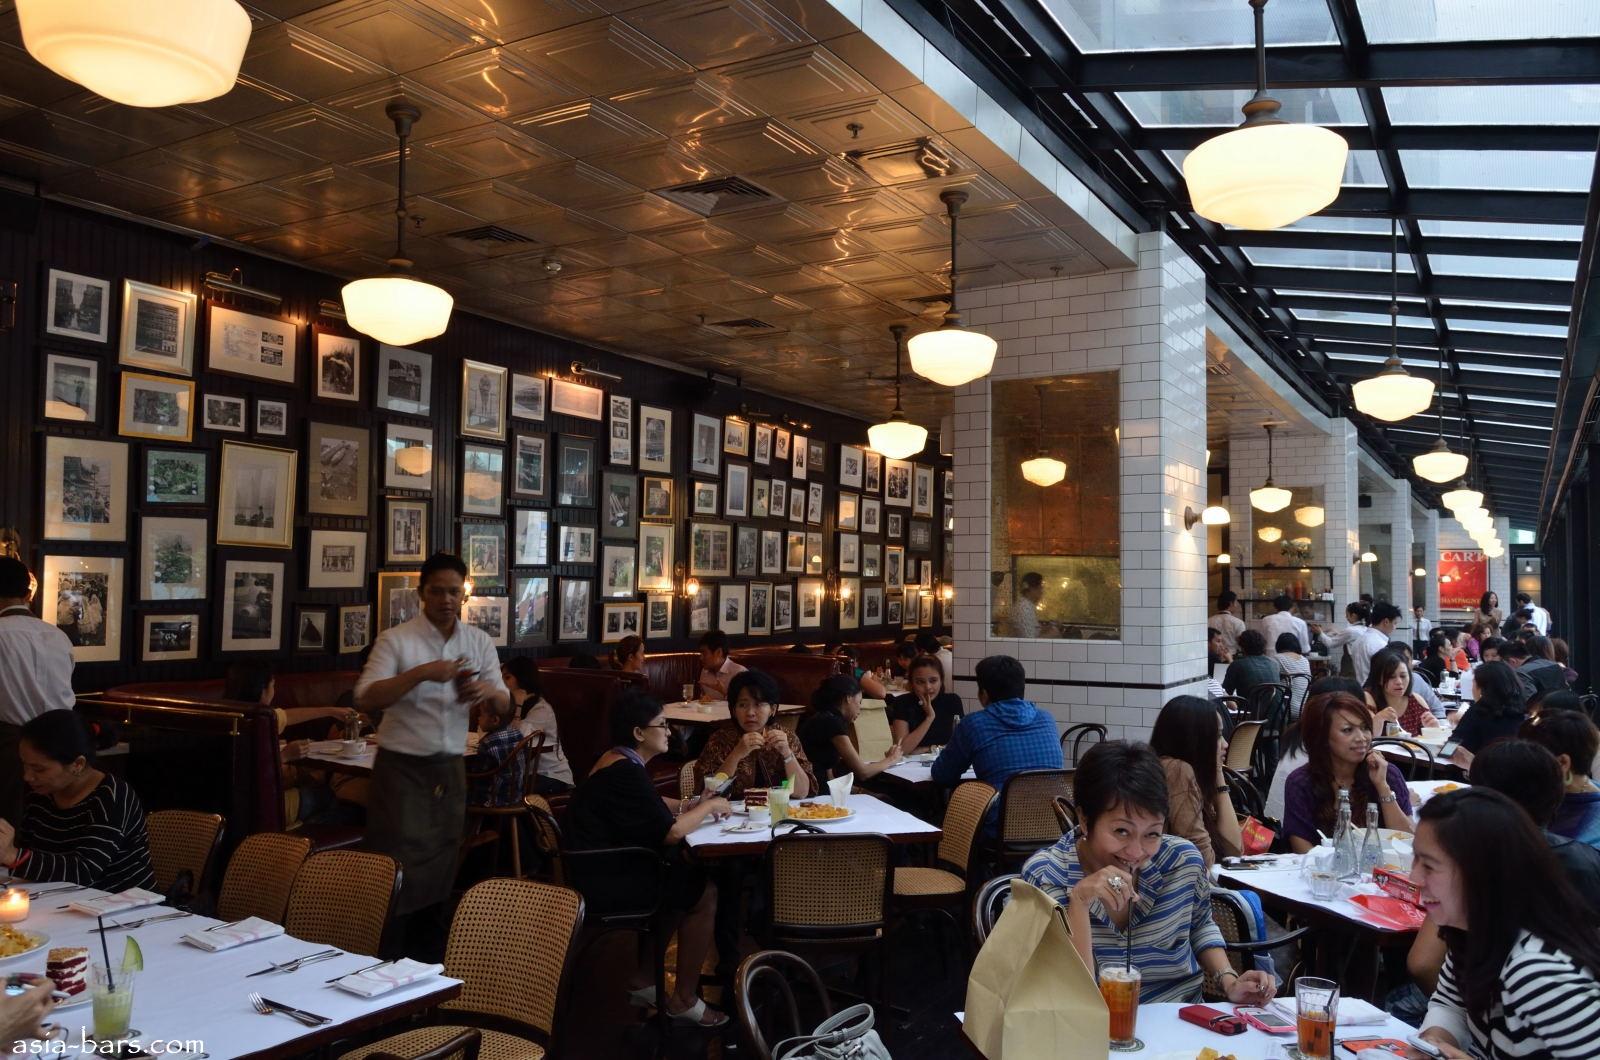 Union Brasserie Bakery Amp Bar Celebrated Restaurant In